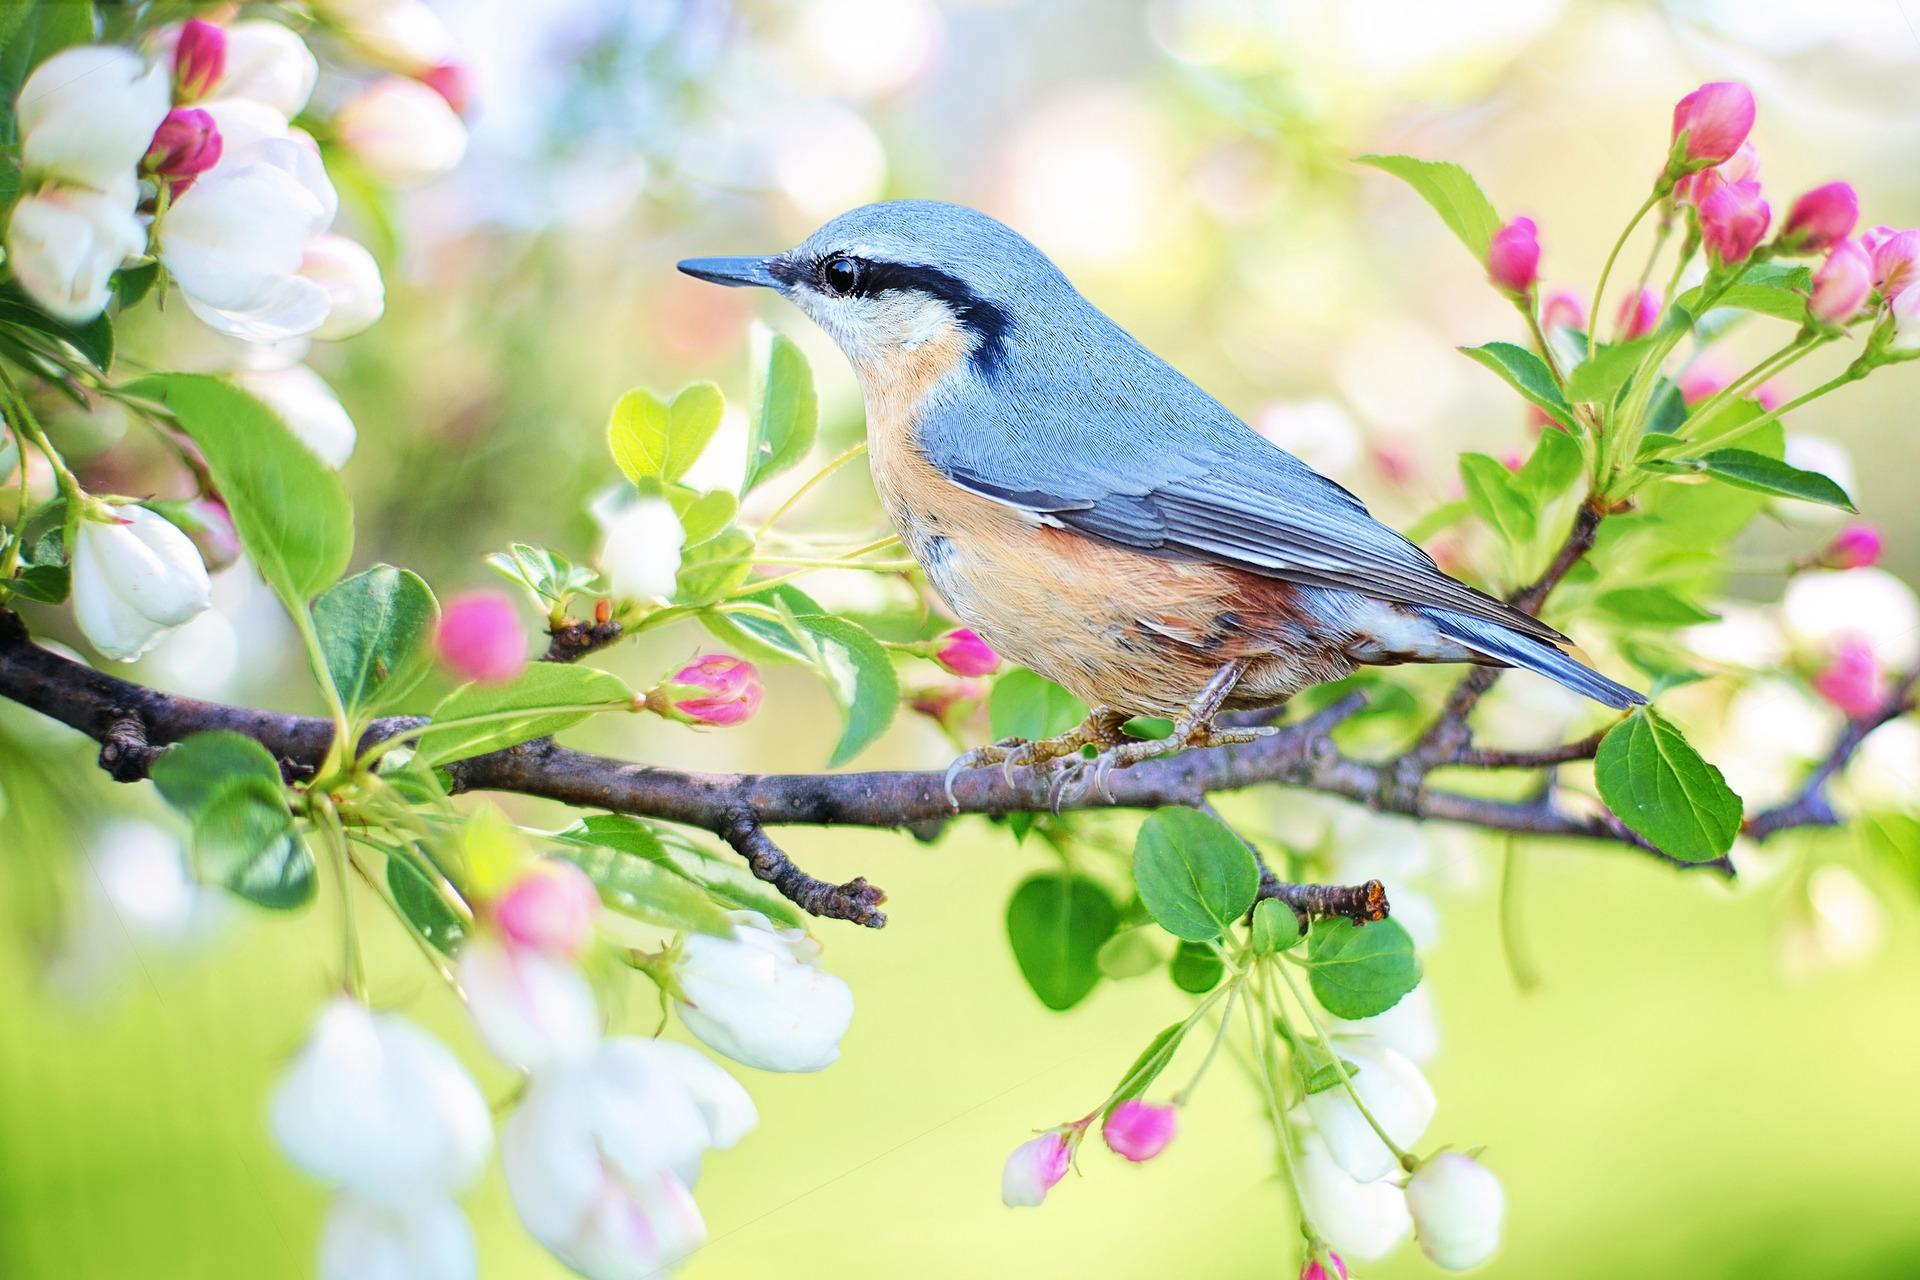 spring-bird-2295431_1920.jpg